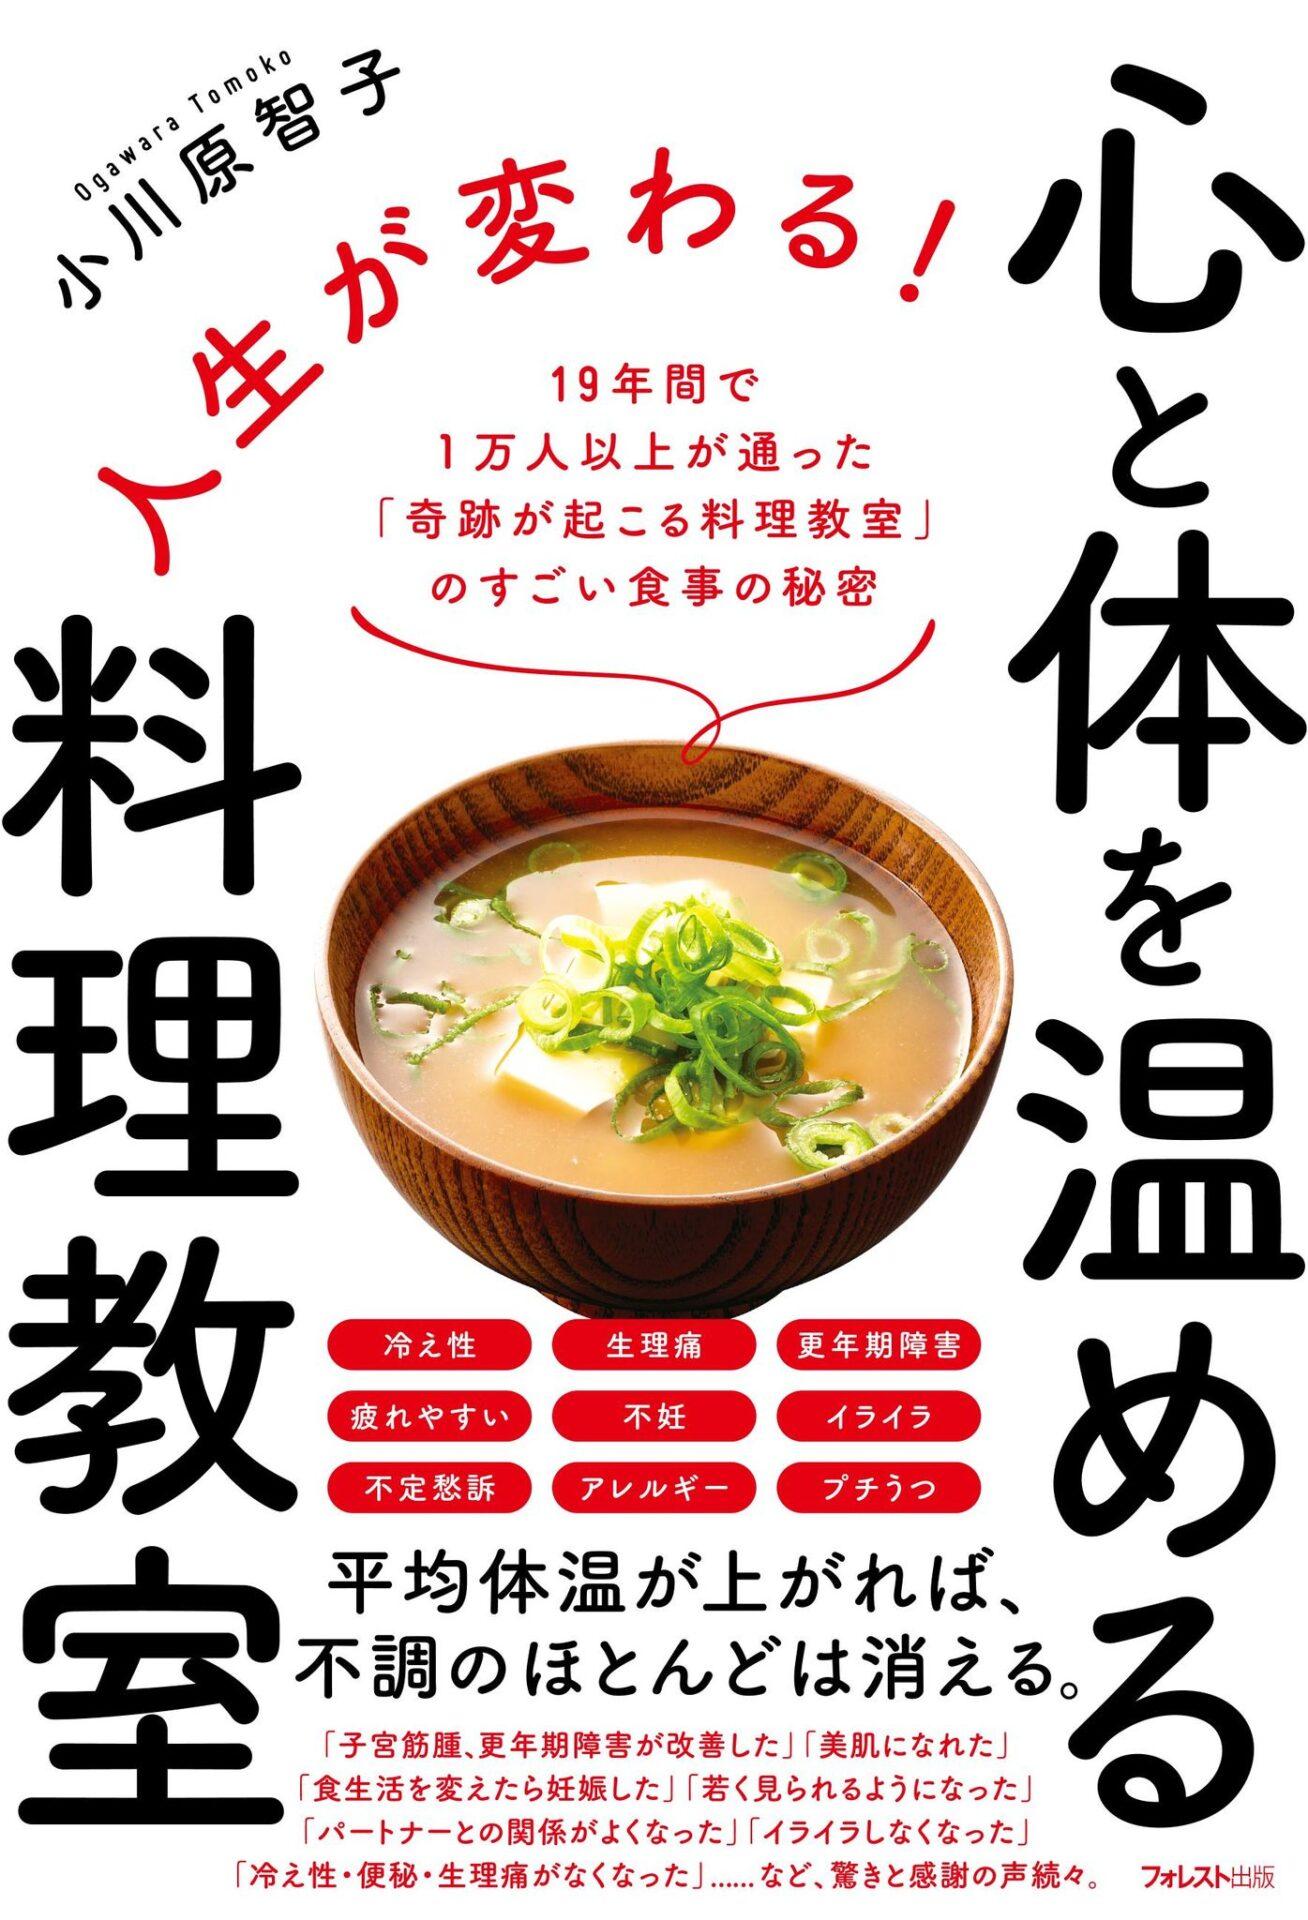 小川原智子著「人生が変わる!心と体を温める料理教室」(フォレスト出版)